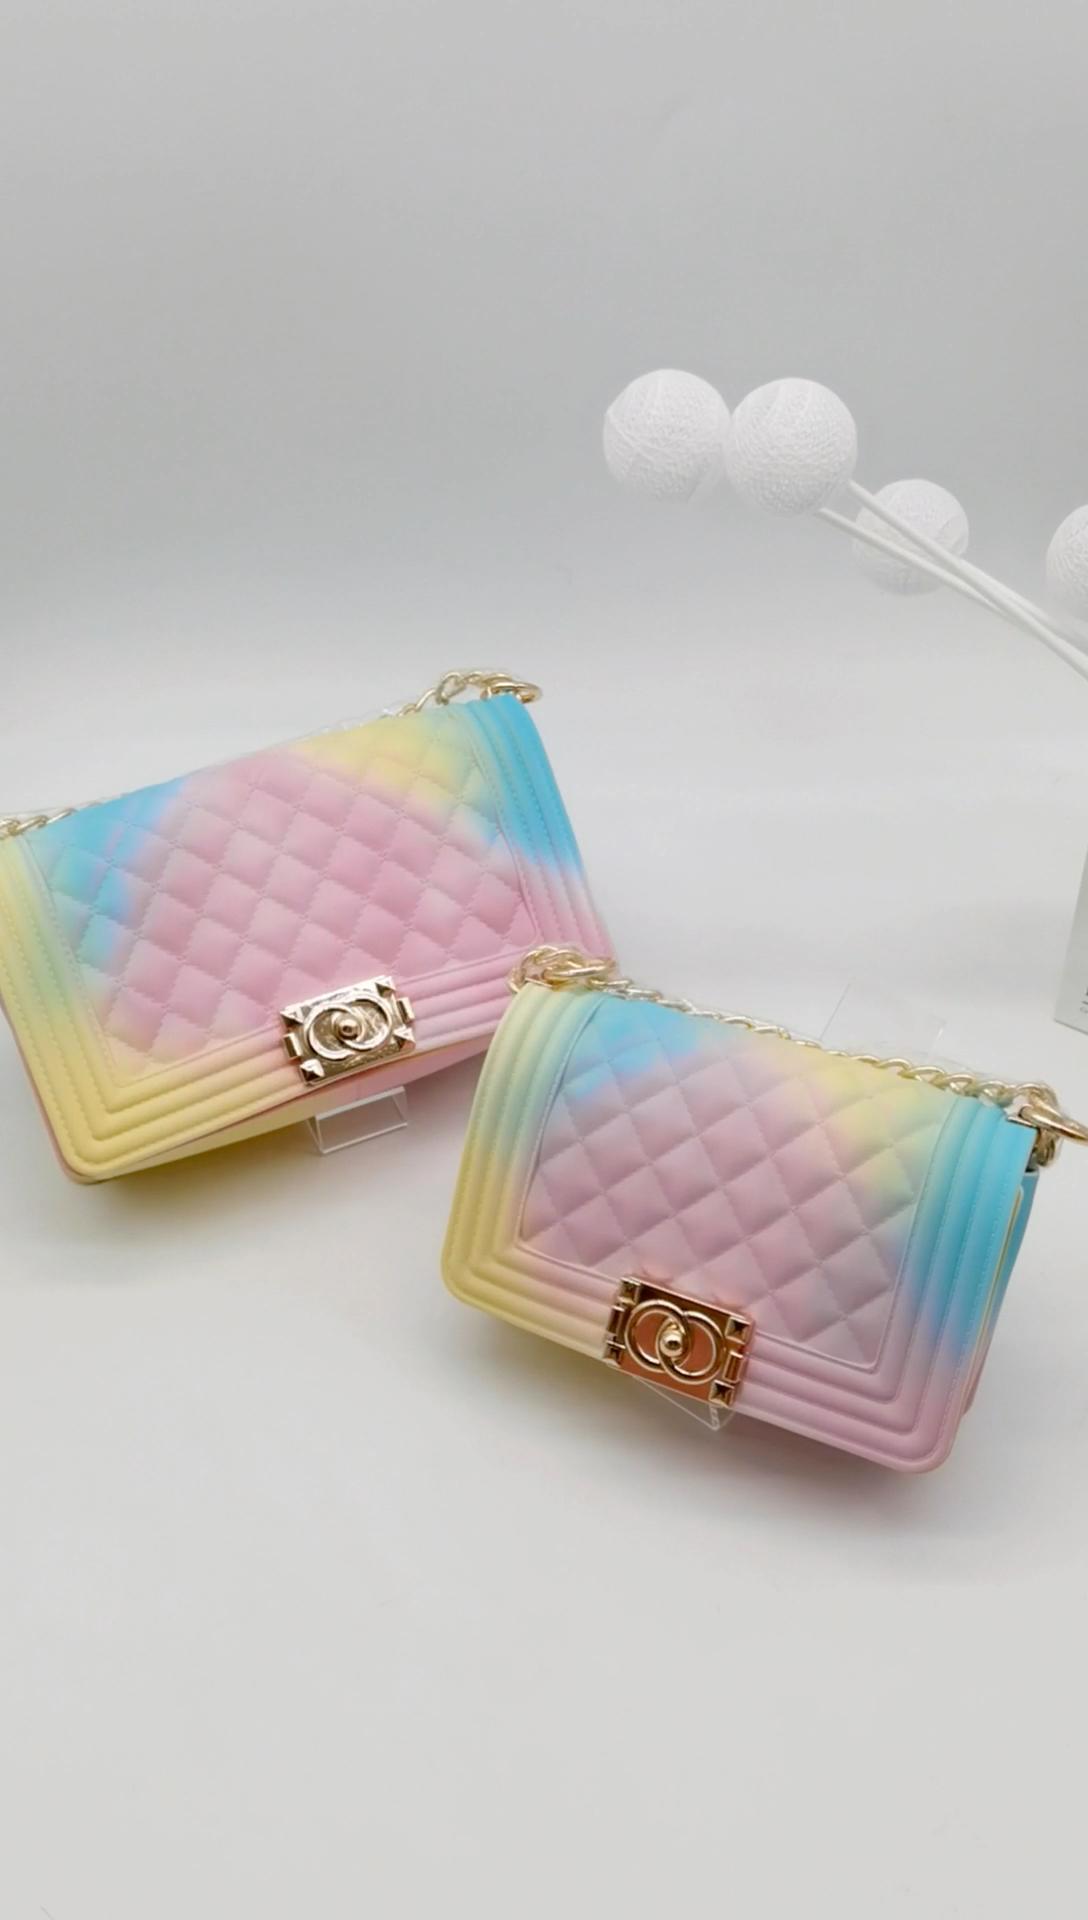 Neue stil Heißer verkauf Bunte Kette damen handtaschen PVC Gelee crossbody designer handtaschen berühmte marken